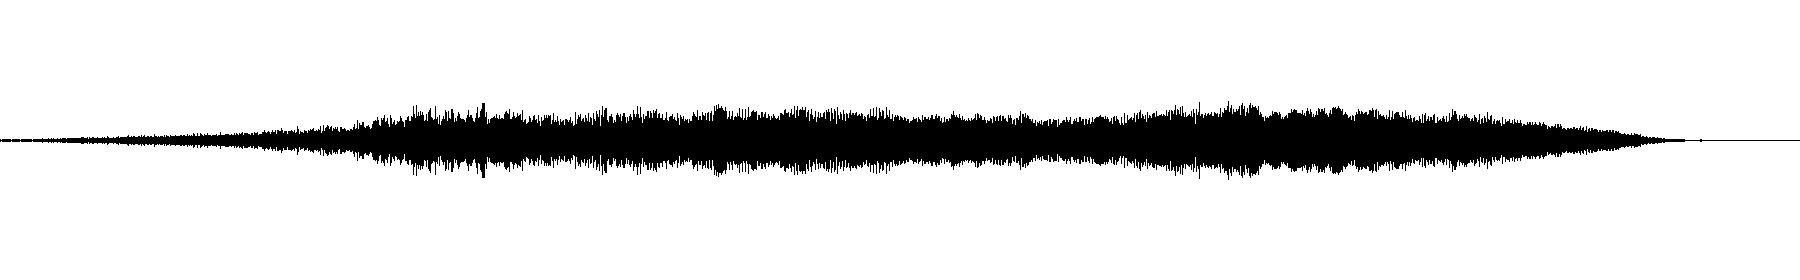 str glissoct 01 xs